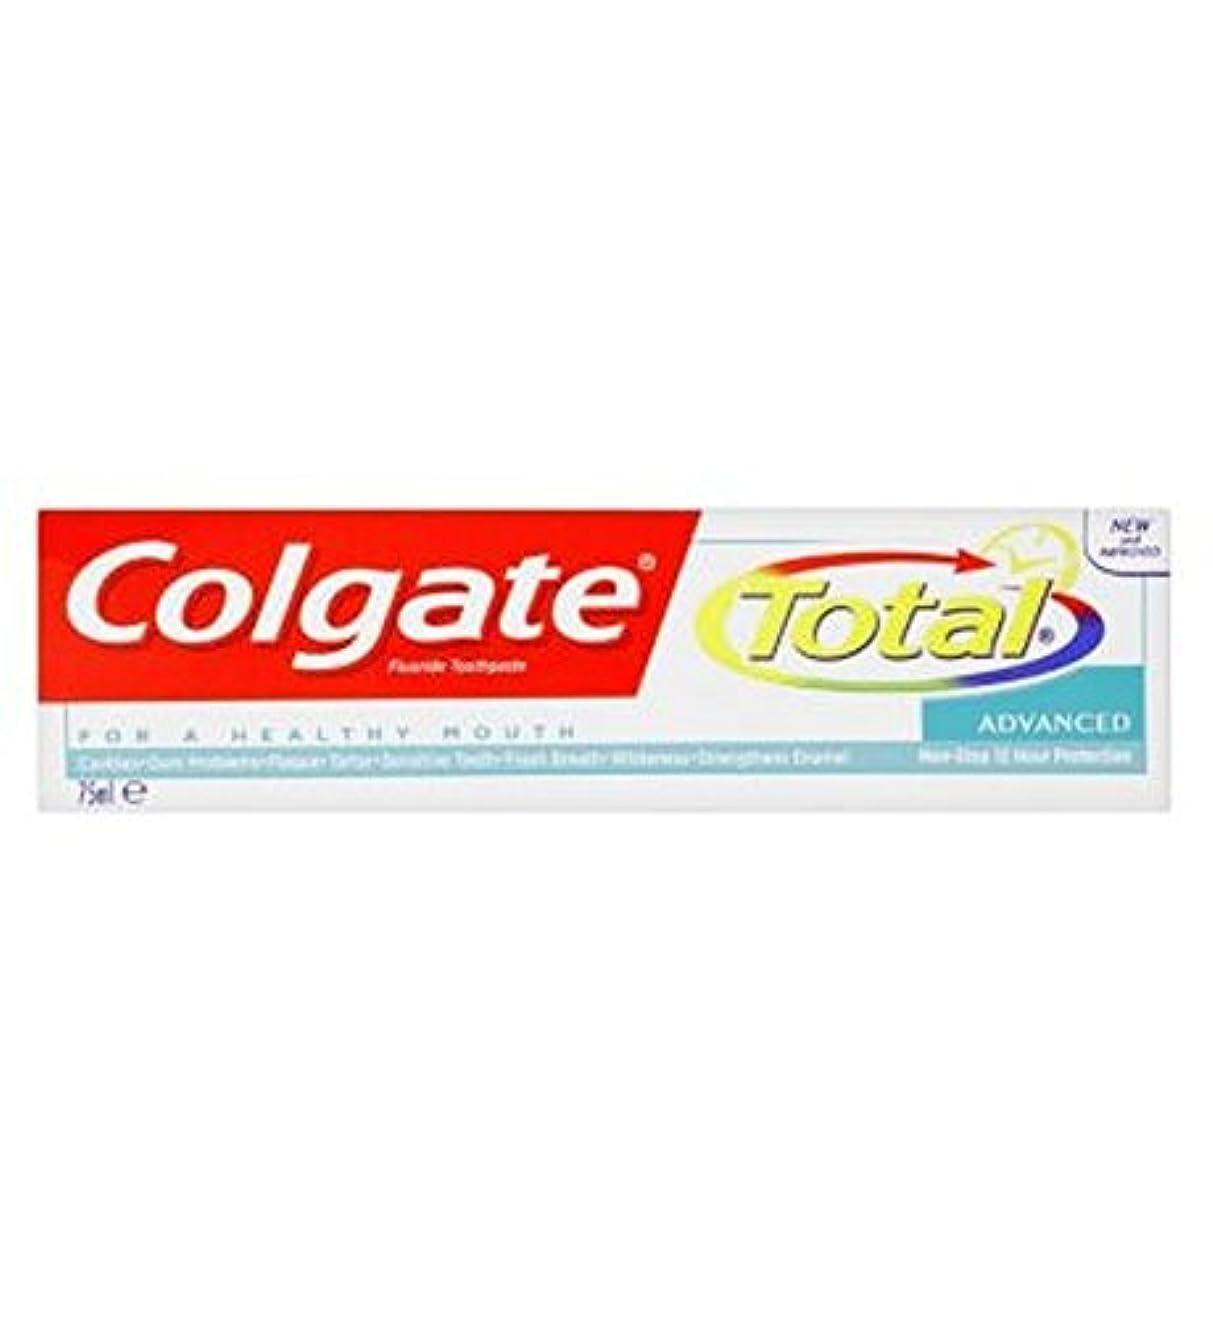 マルコポーロマインドフル公然とコルゲートトータル高度な歯磨き粉75ミリリットル (Colgate) (x2) - Colgate Total Advanced toothpaste 75ml (Pack of 2) [並行輸入品]